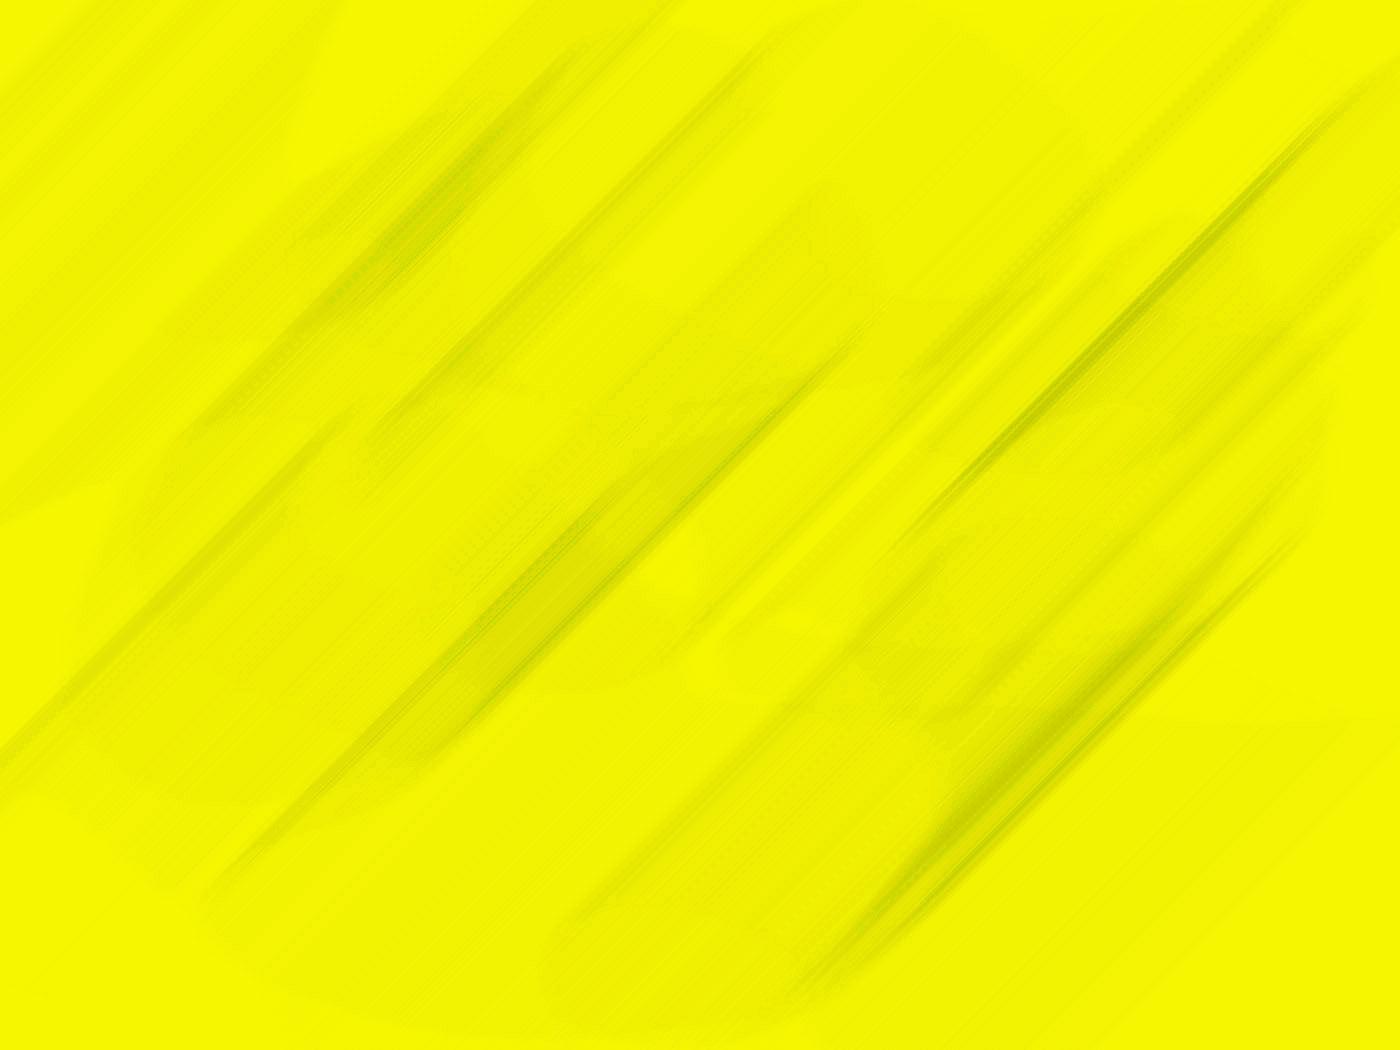 gelbe hintergrundbilder kostenlos